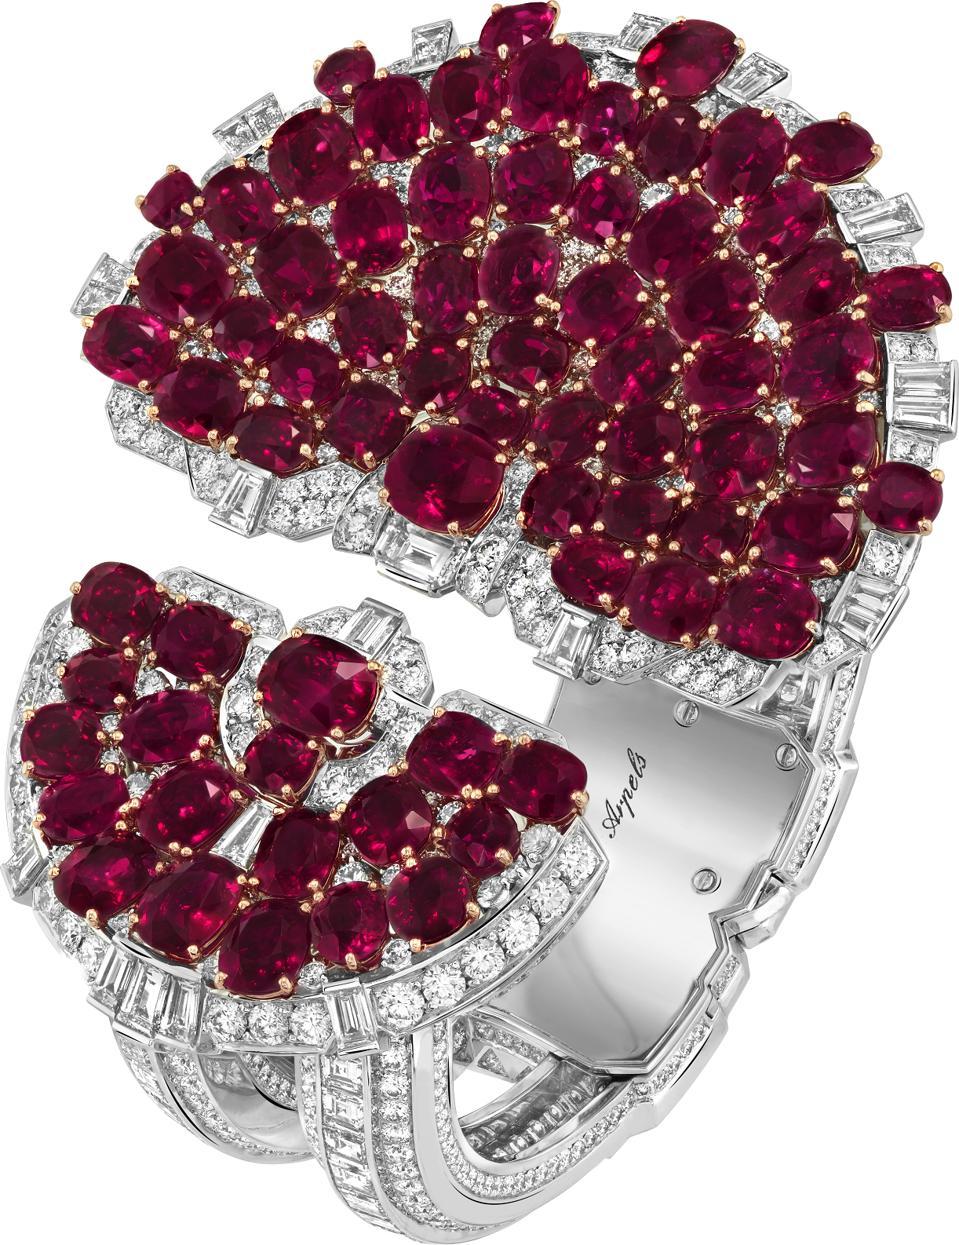 The Rubis en scène ruby and diamond bracelet by Van Cleef & Arpels